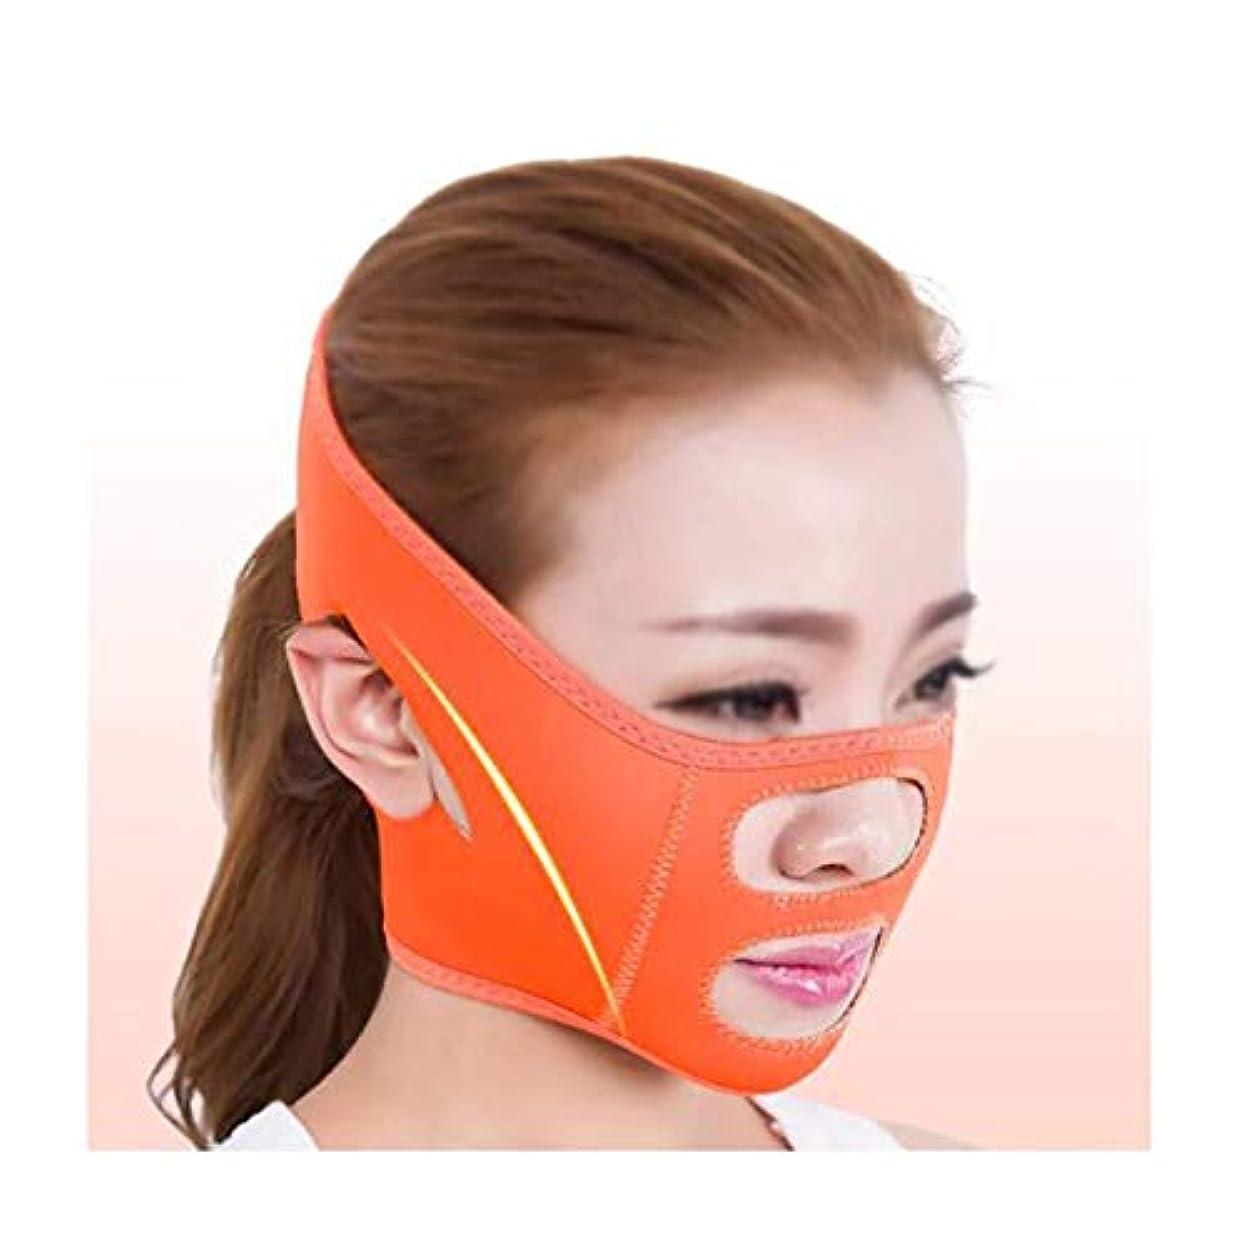 不正確ドレスどう?ファーミングフェイスマスク、術後リフティングマスクホーム包帯揺れネットワーク赤女性Vフェイスステッカーストラップ楽器顔アーティファクト(色:青),オレンジ